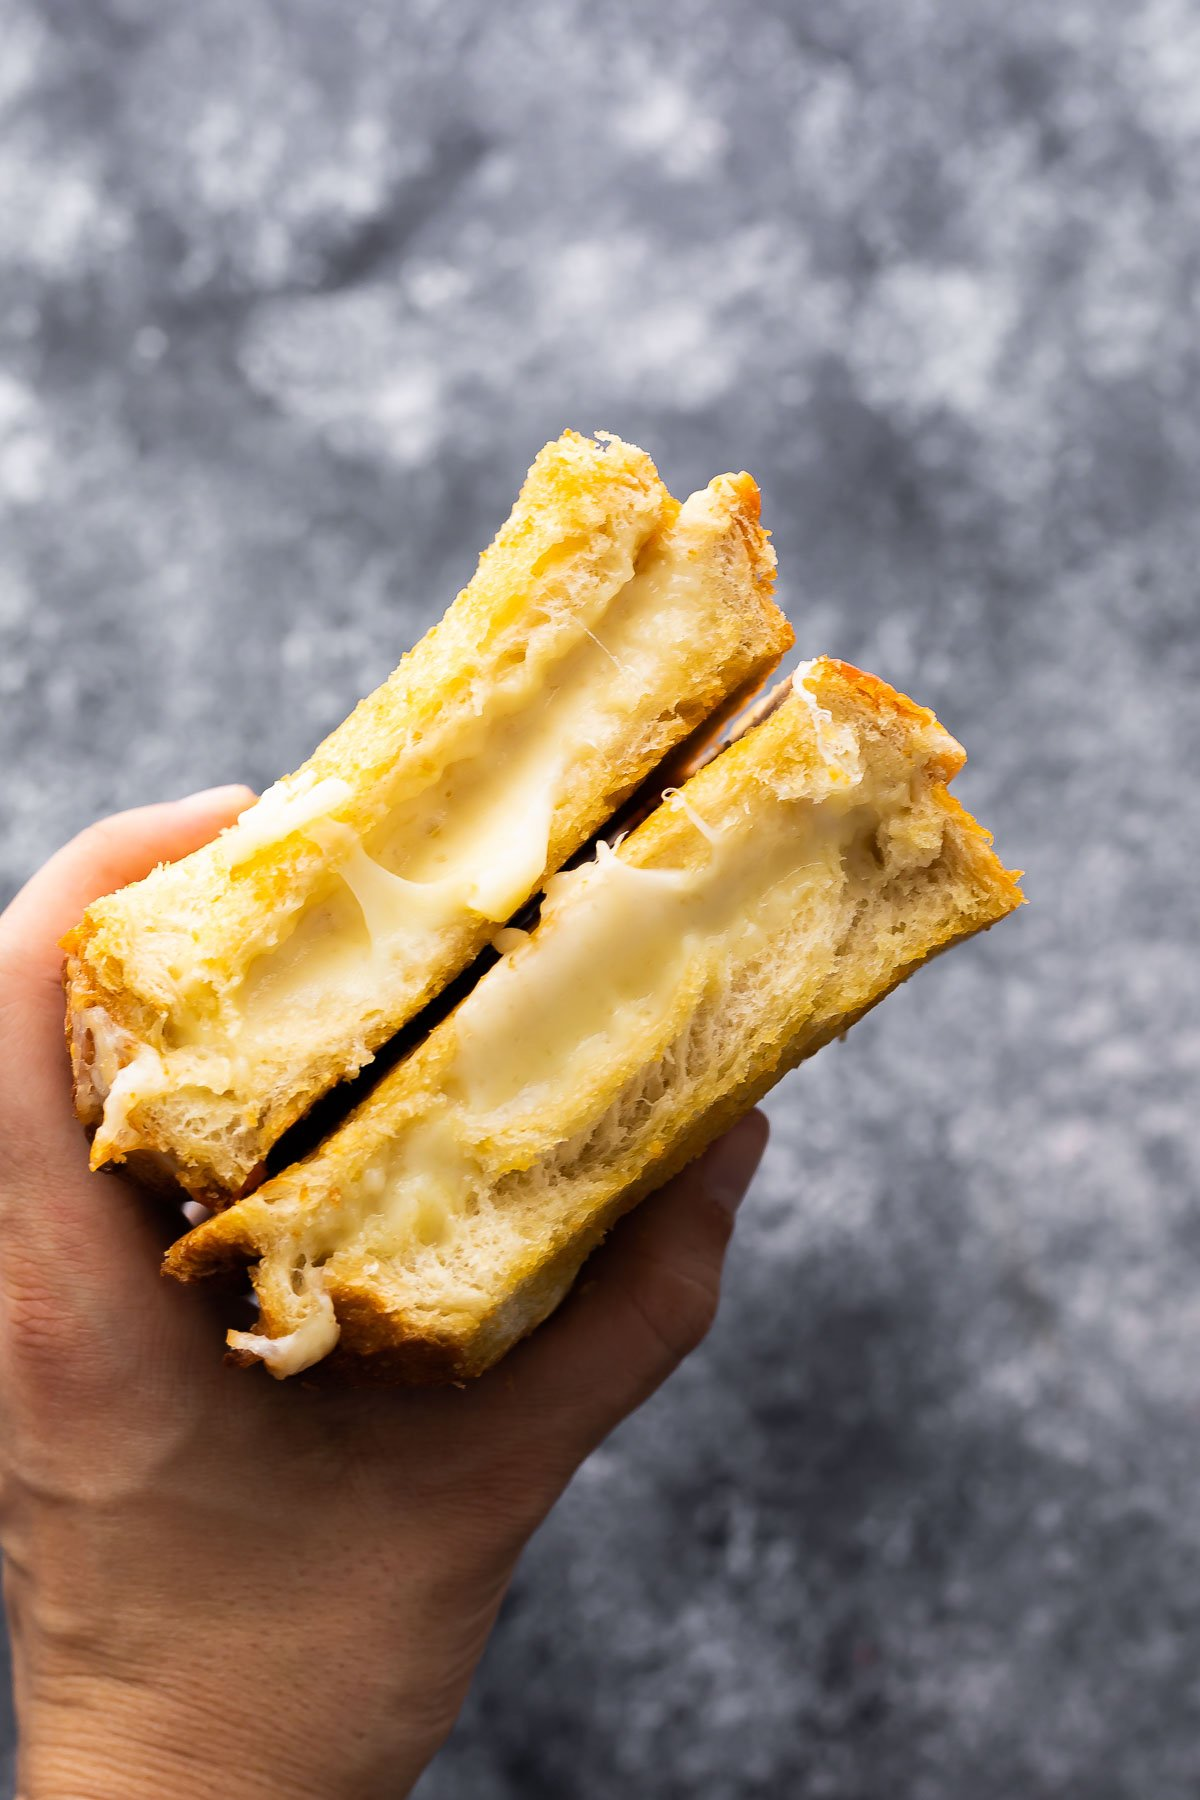 yapışkan peynir ortaya çıkaran iki parça ızgara peynir tutan el